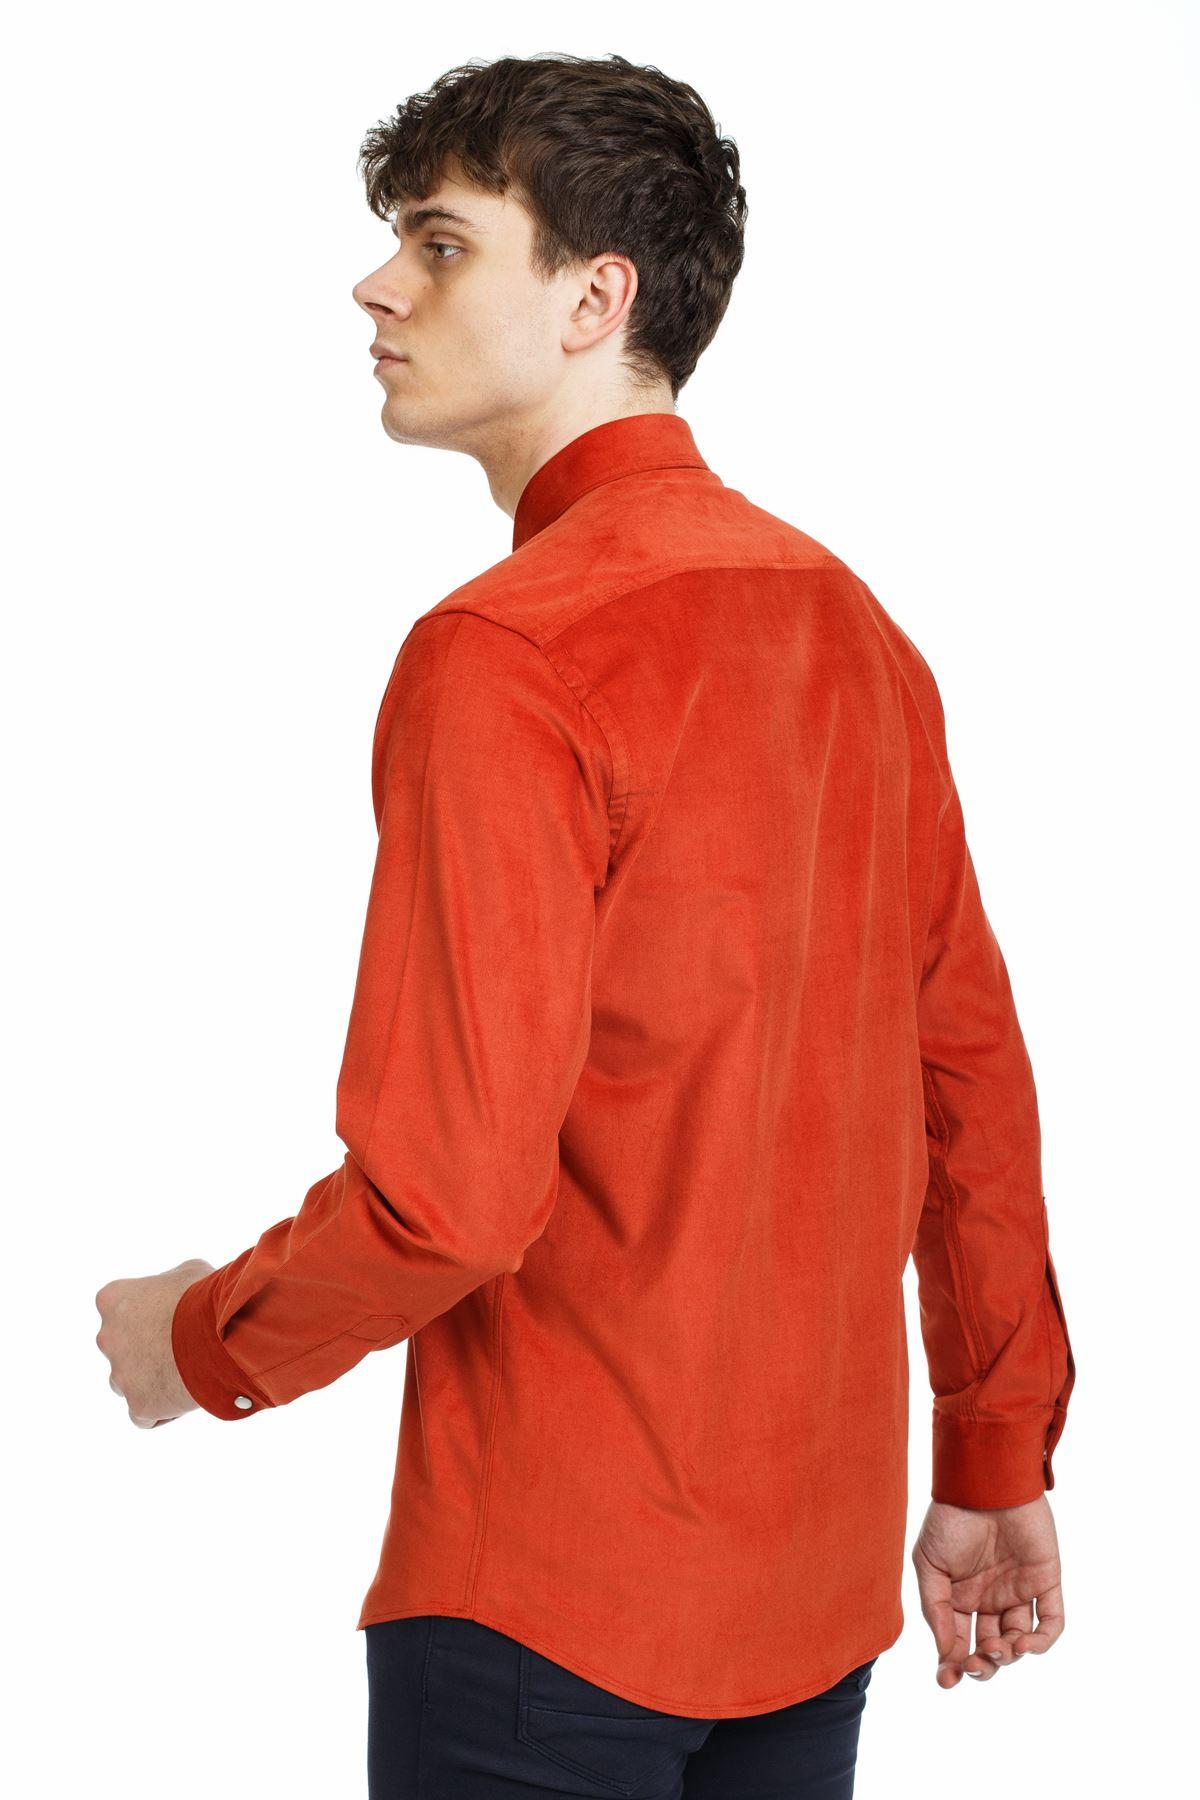 Turuncu Renk Çıt Çıtlı Regular Kalıp Spor Gömlek